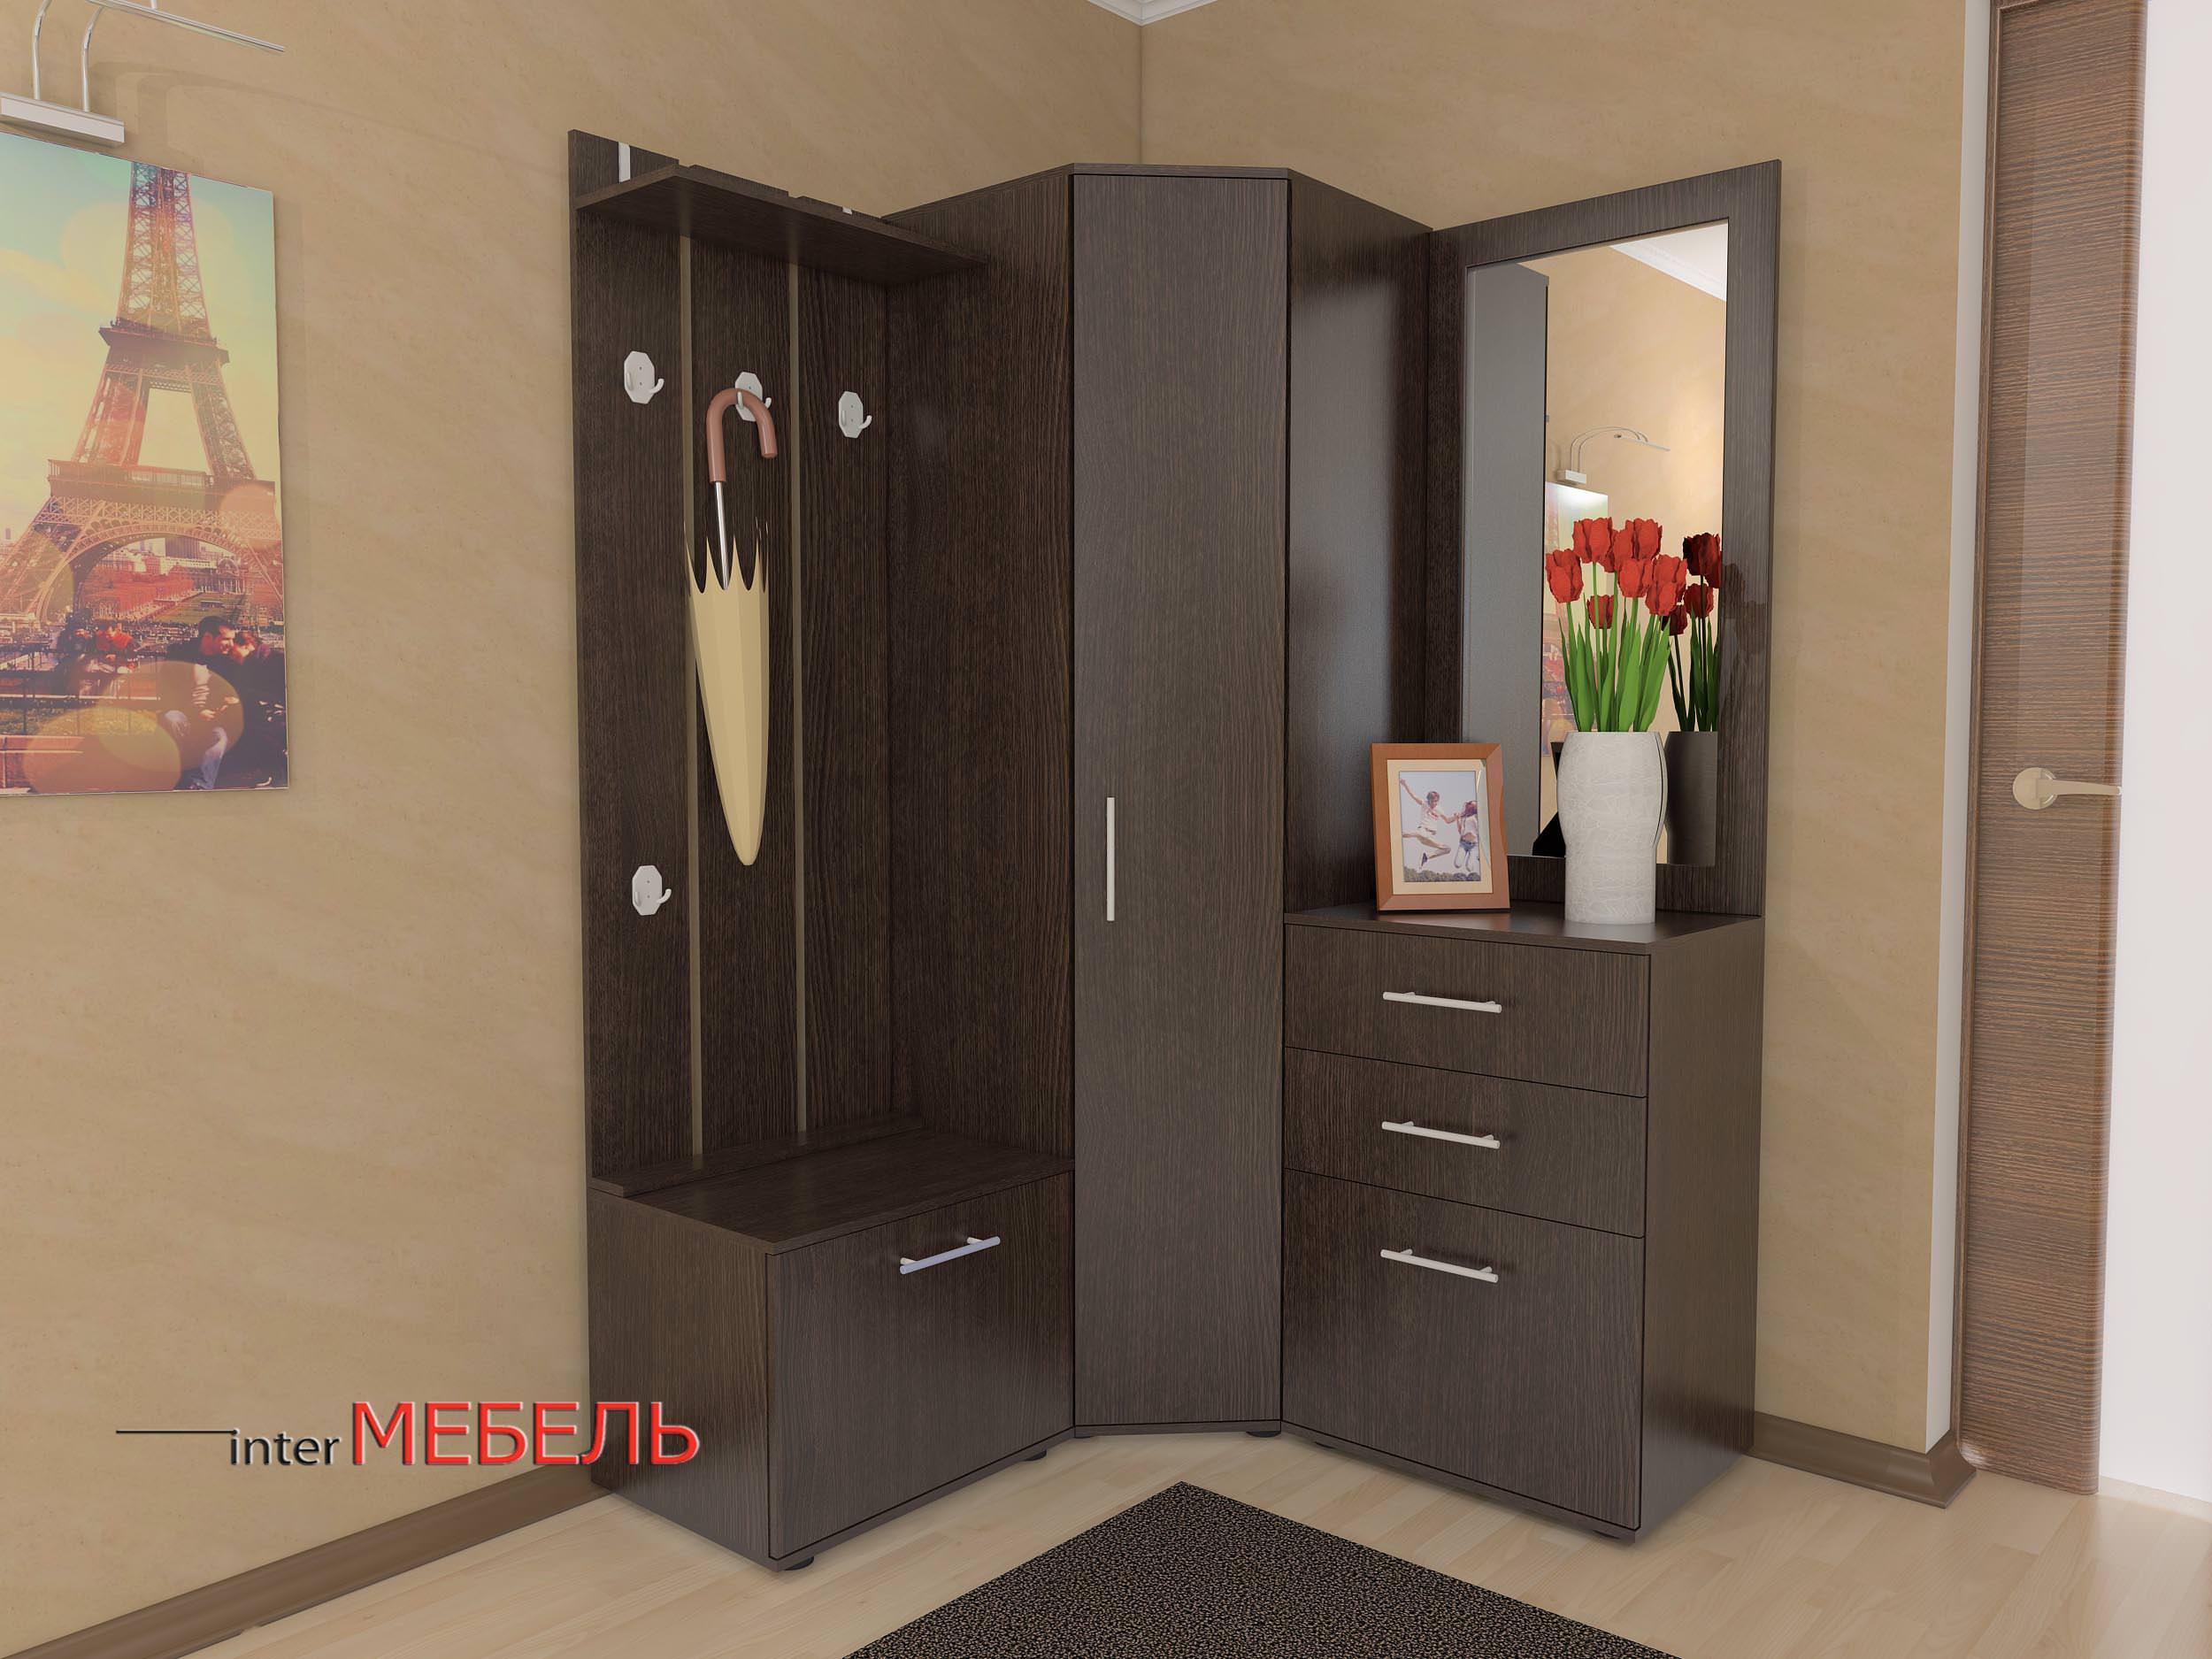 Набор мебели для прихожей визит-2 набор мебели для прихожей .